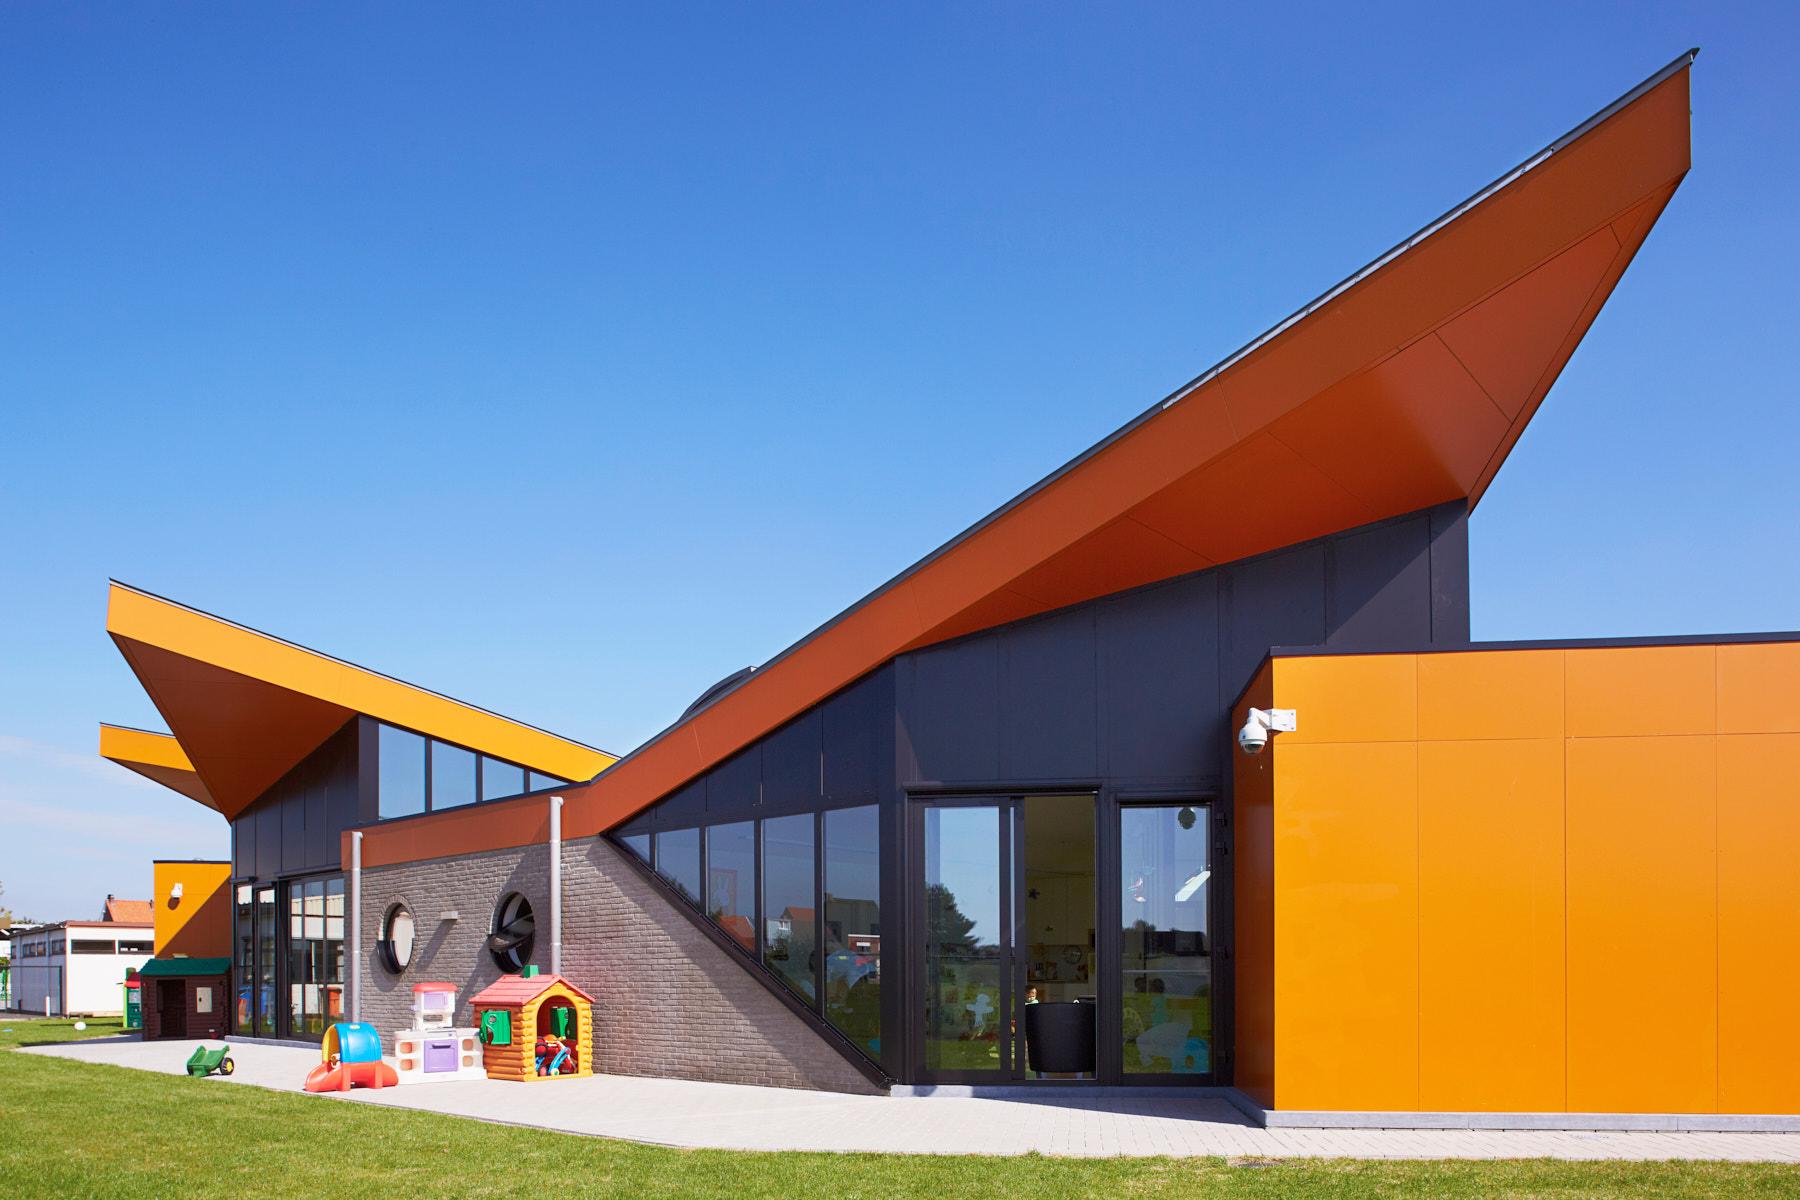 Arendonk | Buitenkant crèche met puntige oranje gevel